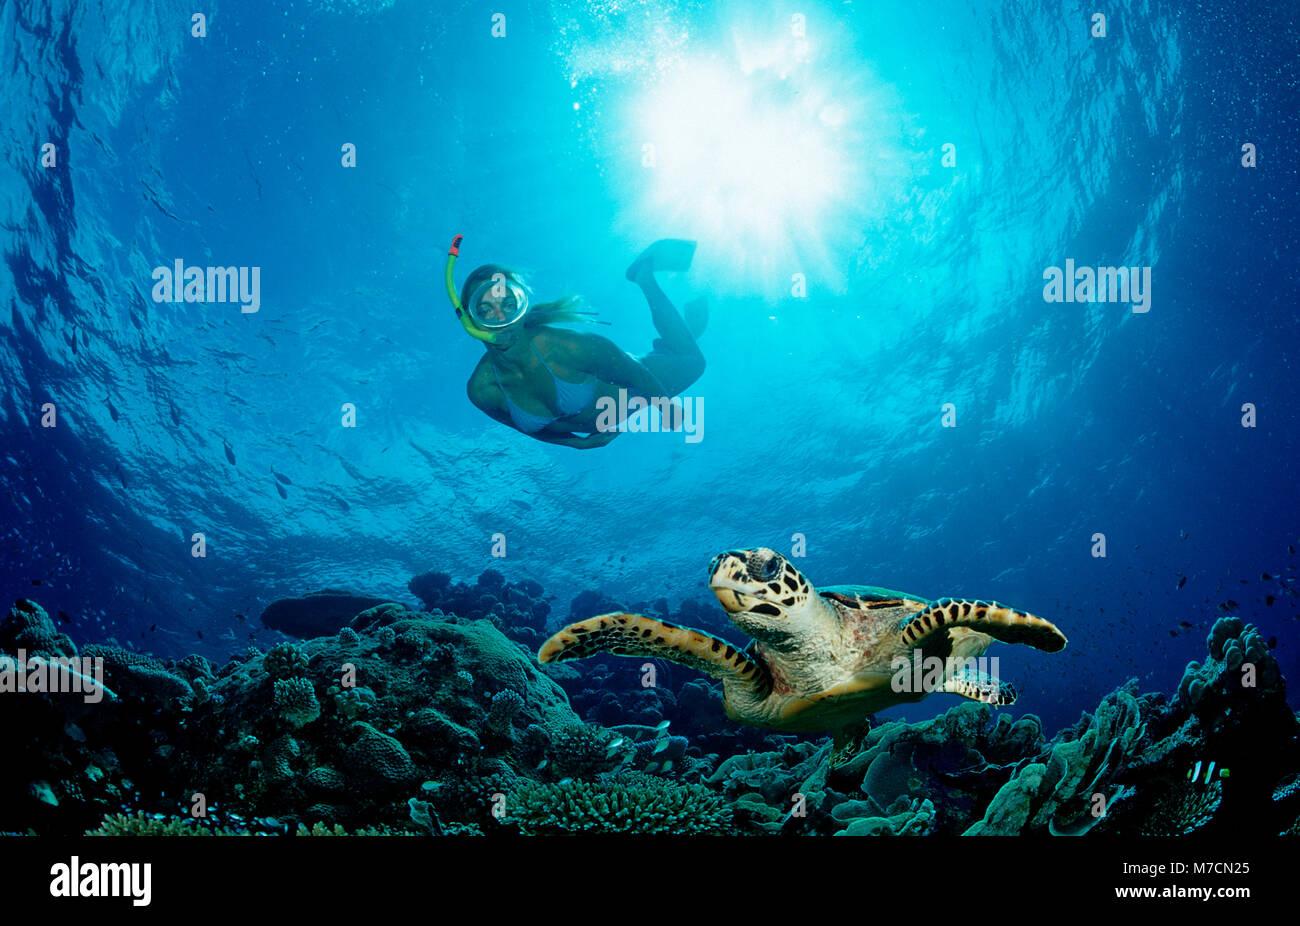 La peau et la tortue imbriquée Eretmochelys imbricata, plongeur, Maldives, océan Indien, l'atoll de Photo Stock